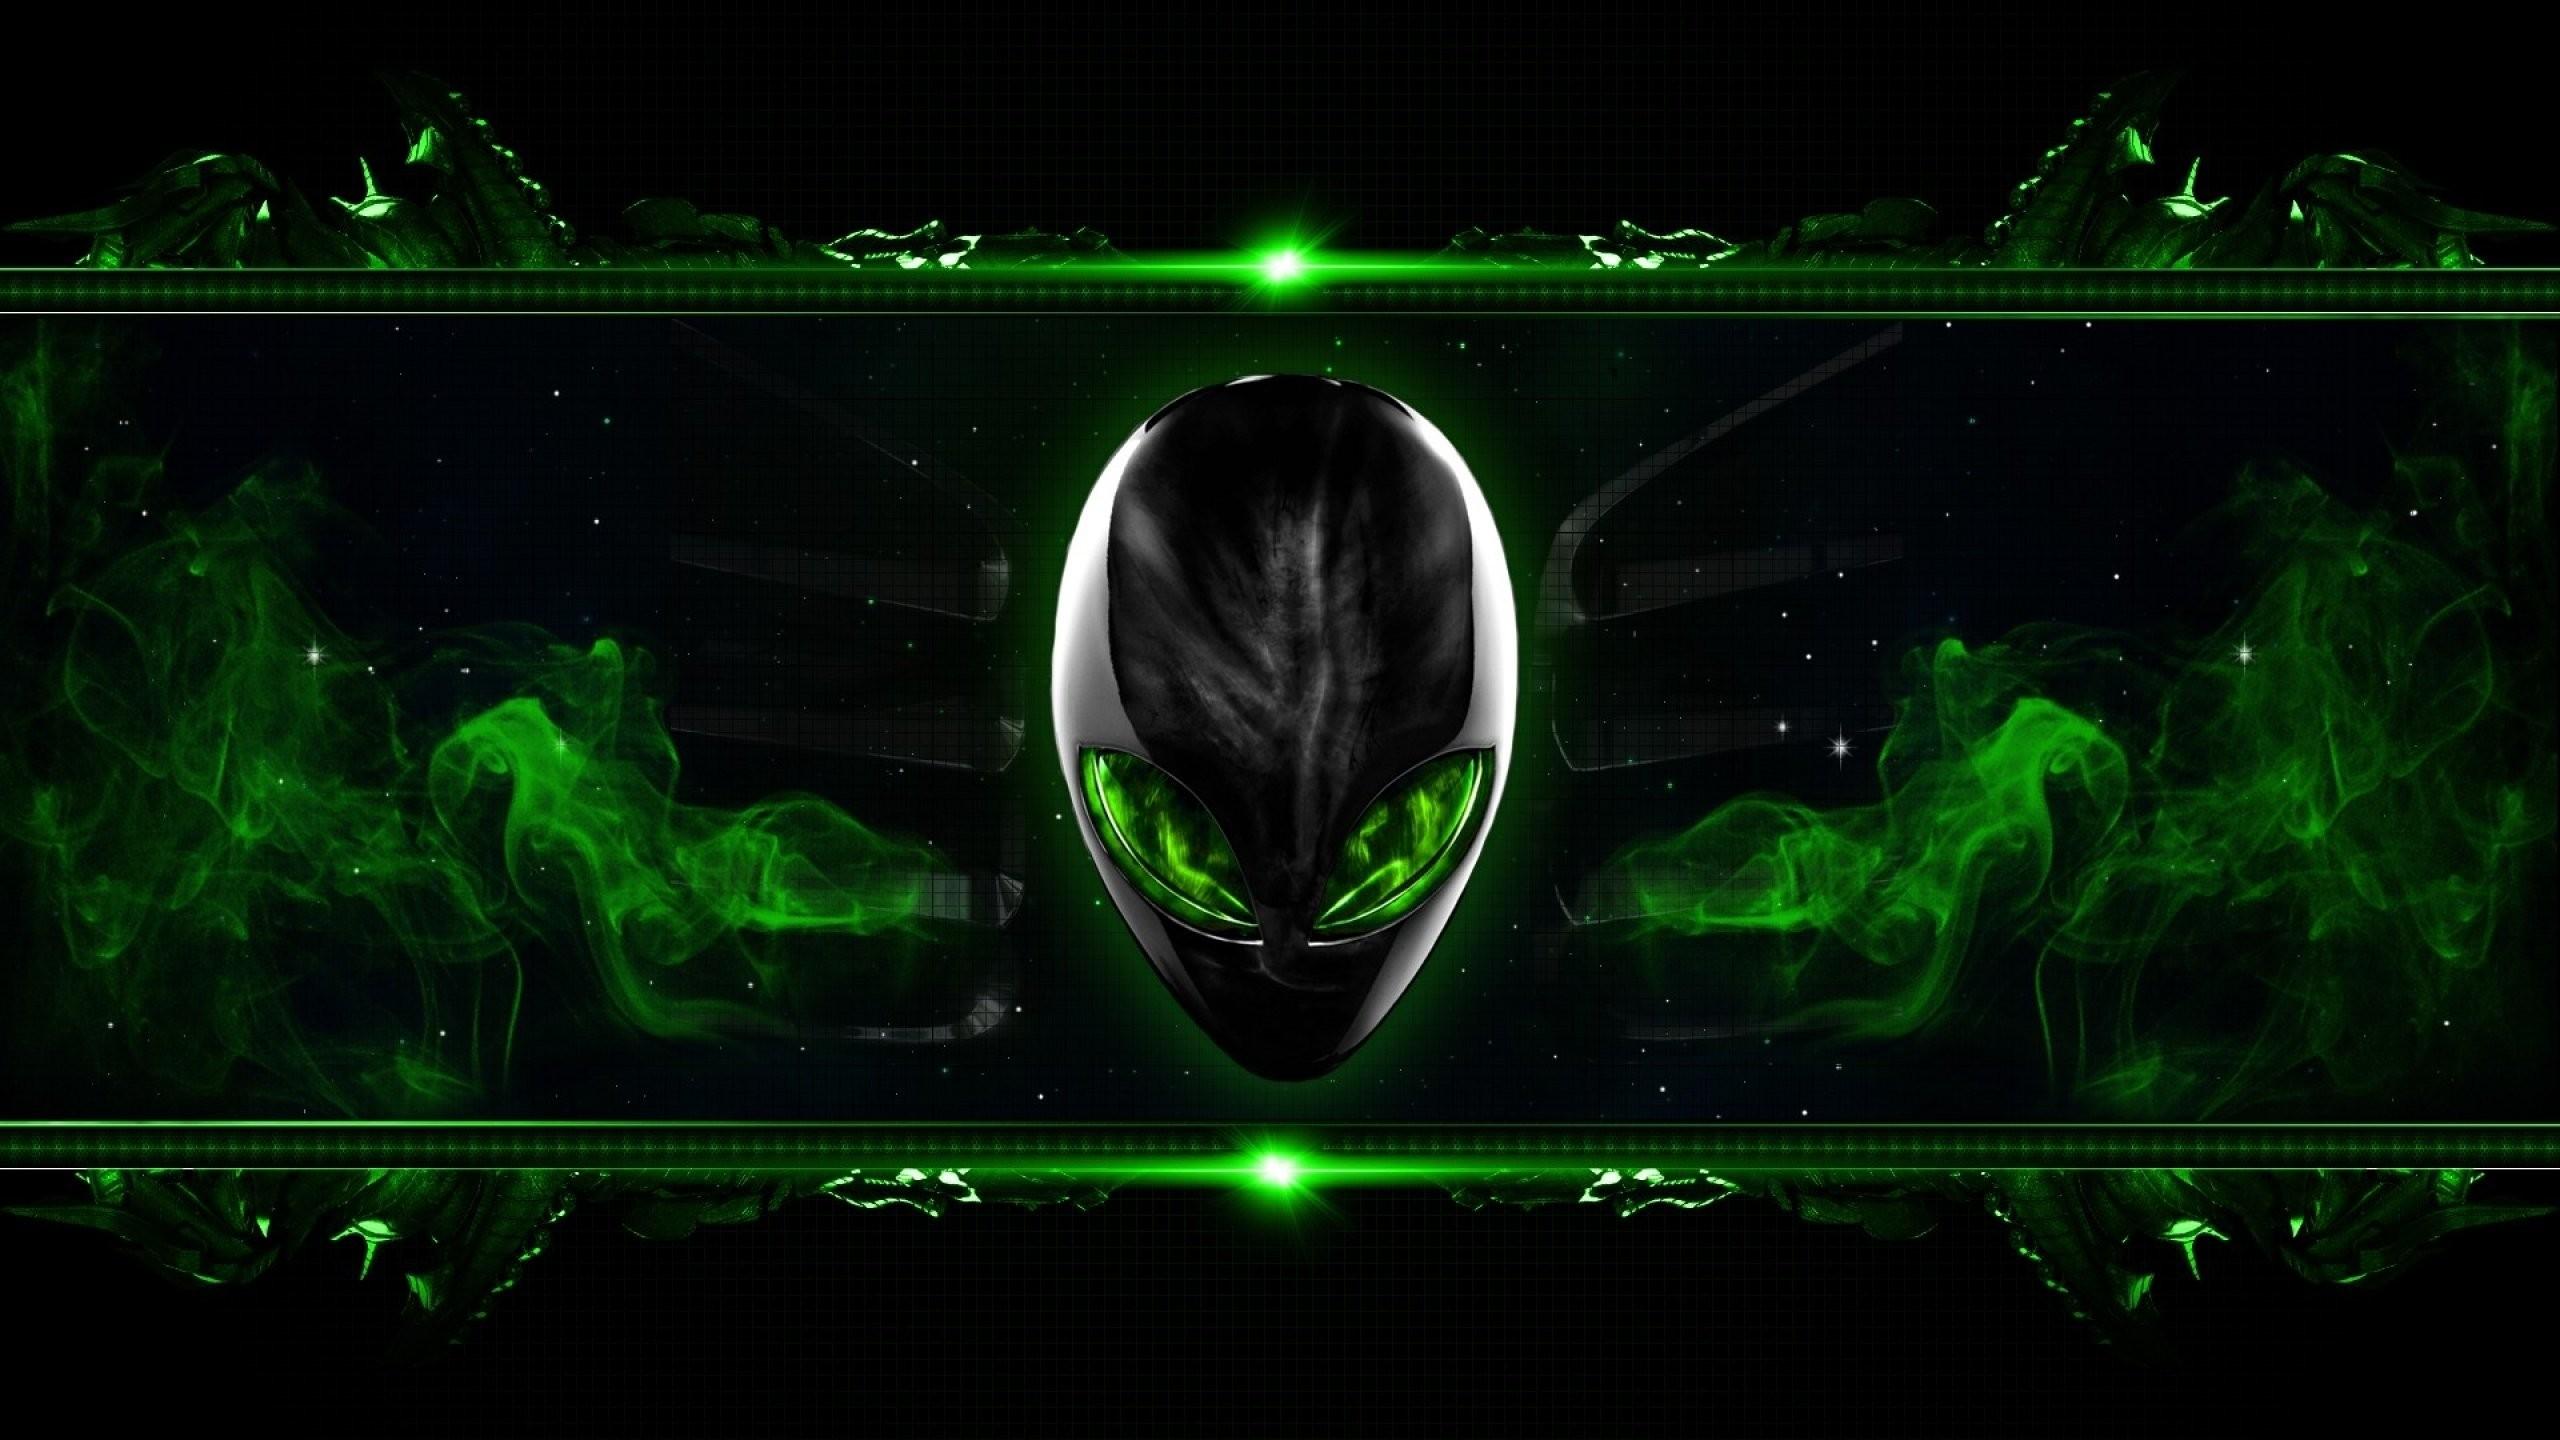 Green Alienware Wallpaper 80 Images